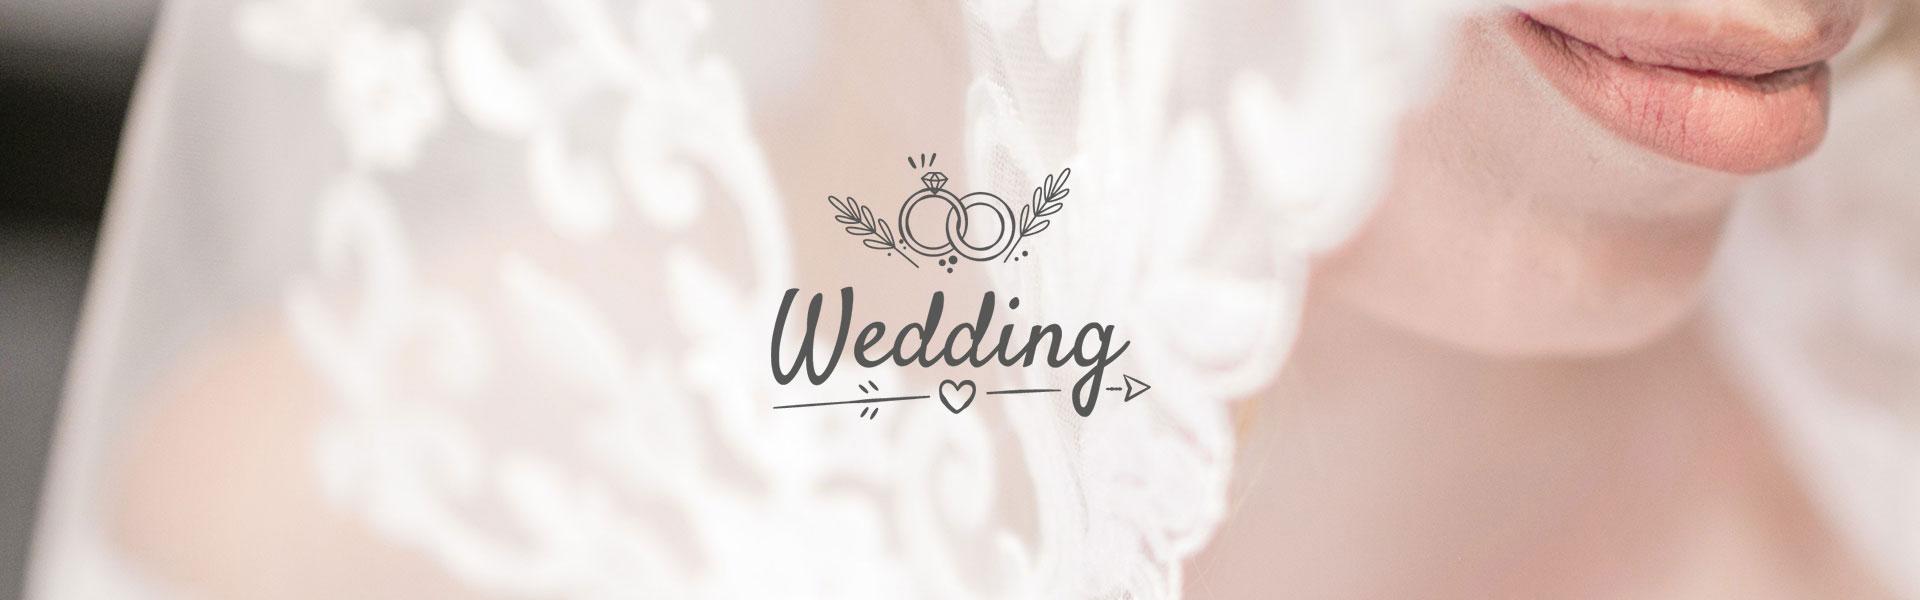 Maison Afrodite - Wedding - News dedicate al trucco sposa!